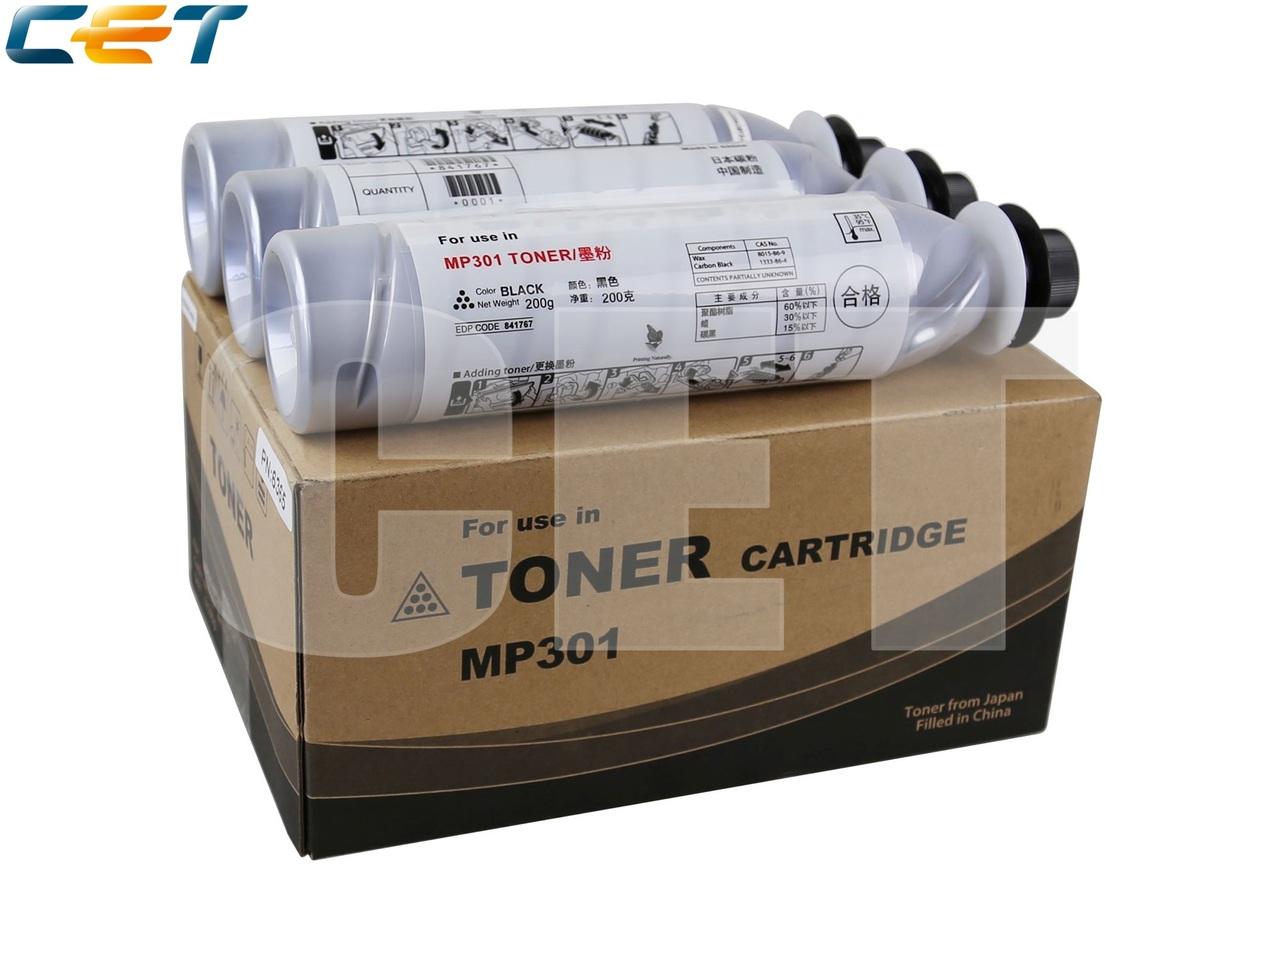 Тонер-картридж (SD3) 841711 для RICOH AficioMP301SP/MP301SPF (CET), 200г, 8000 стр., CET6365